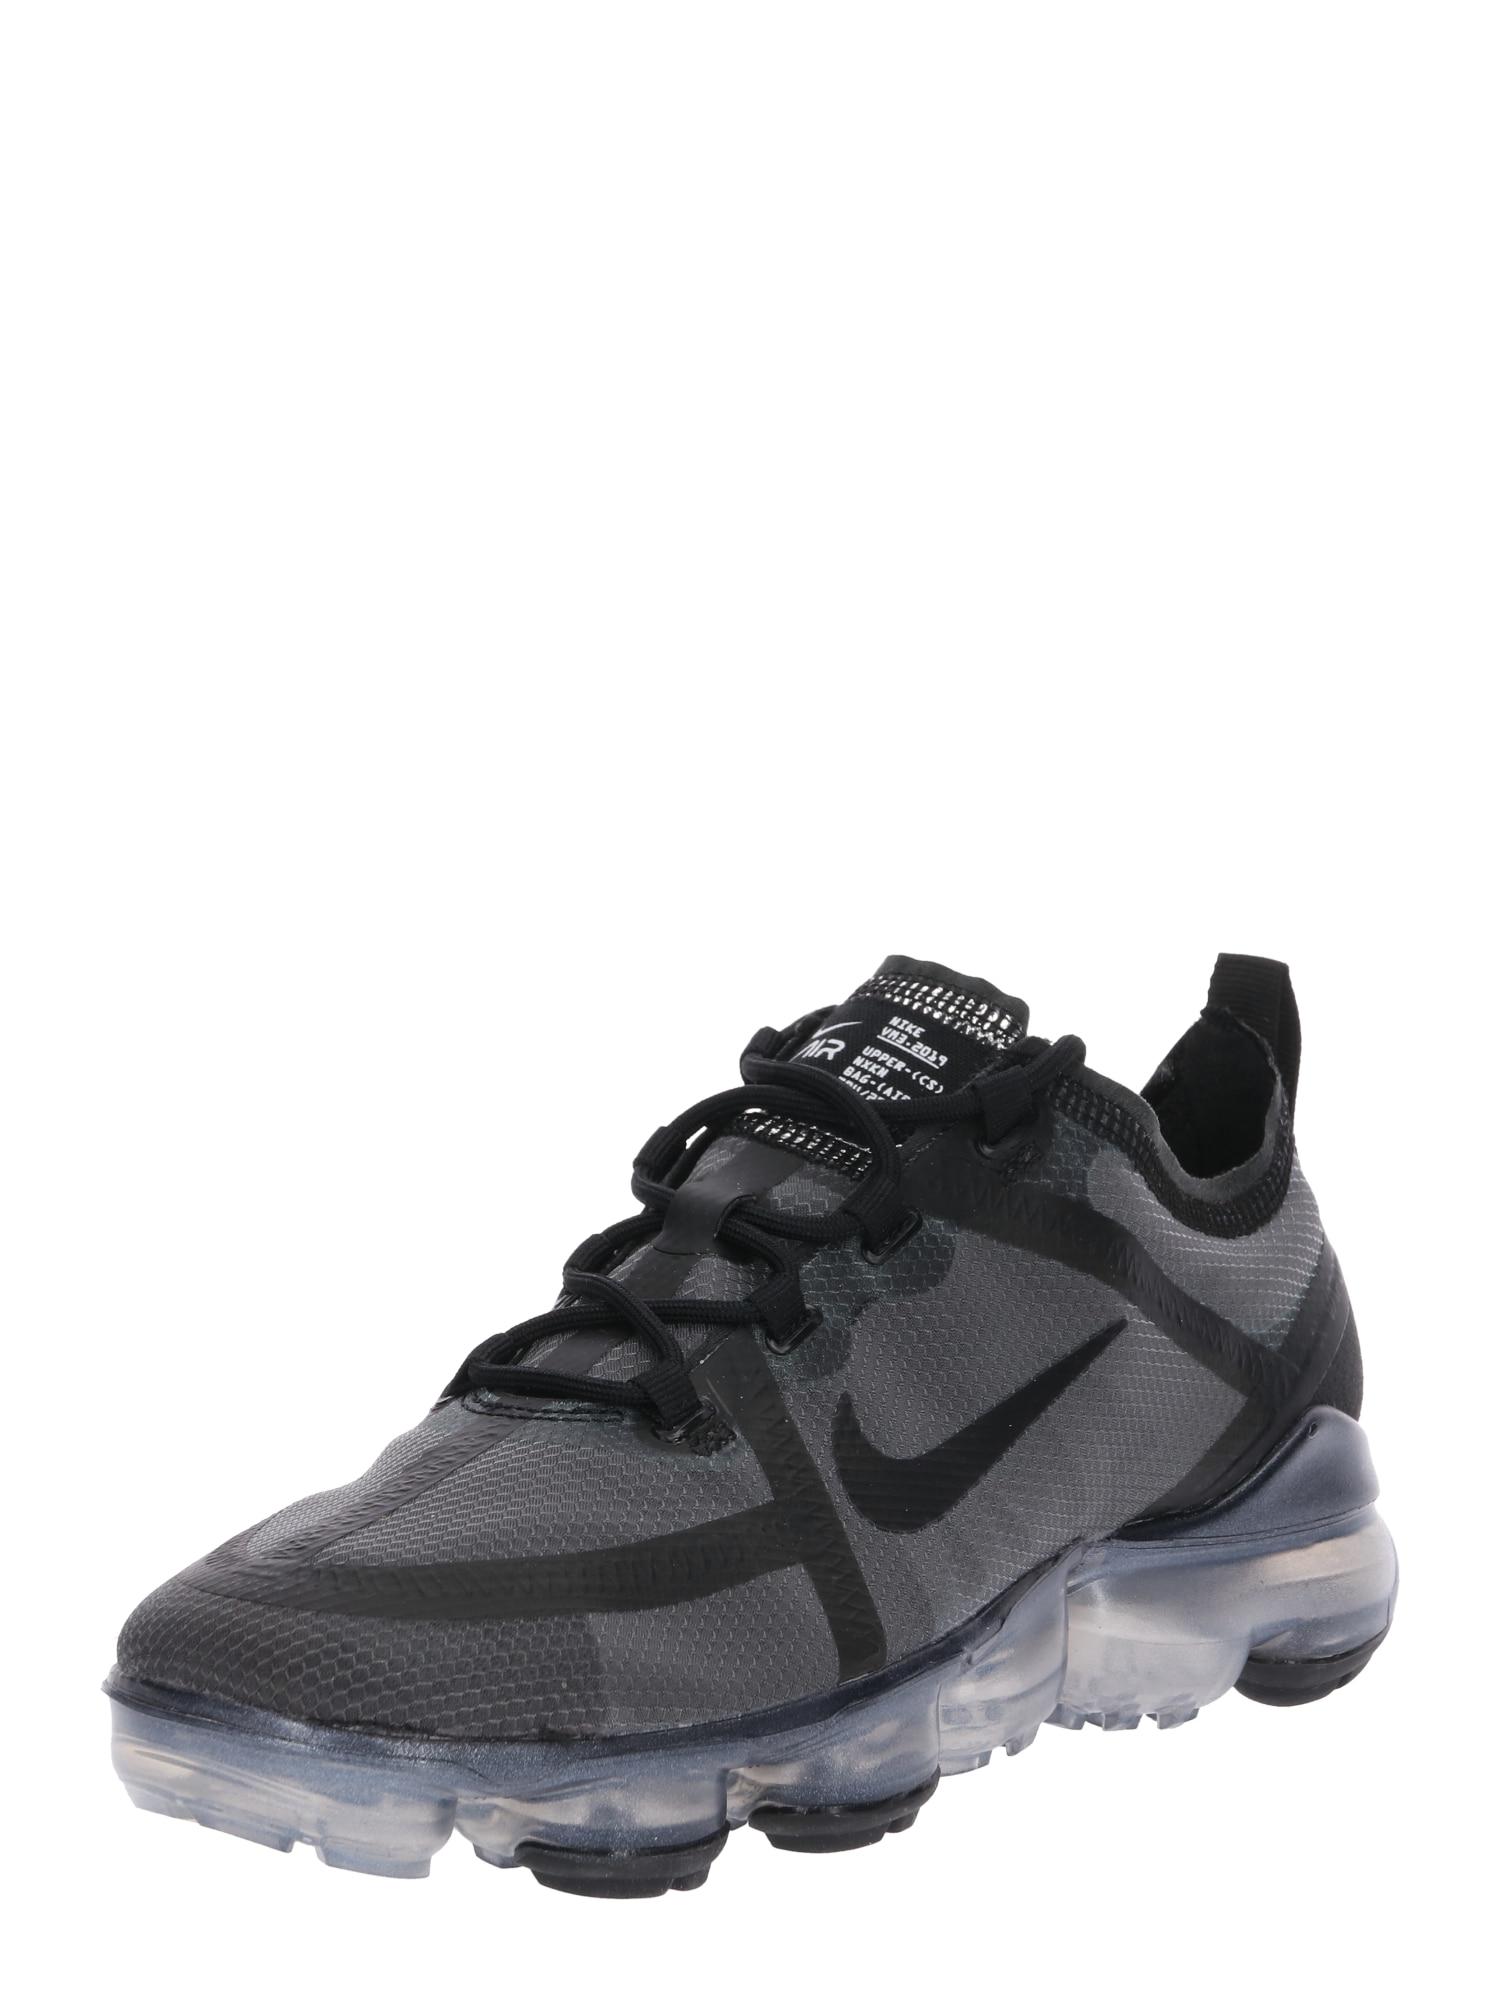 Sportovní boty Nike Air VaporMax 2019 černá NIKE